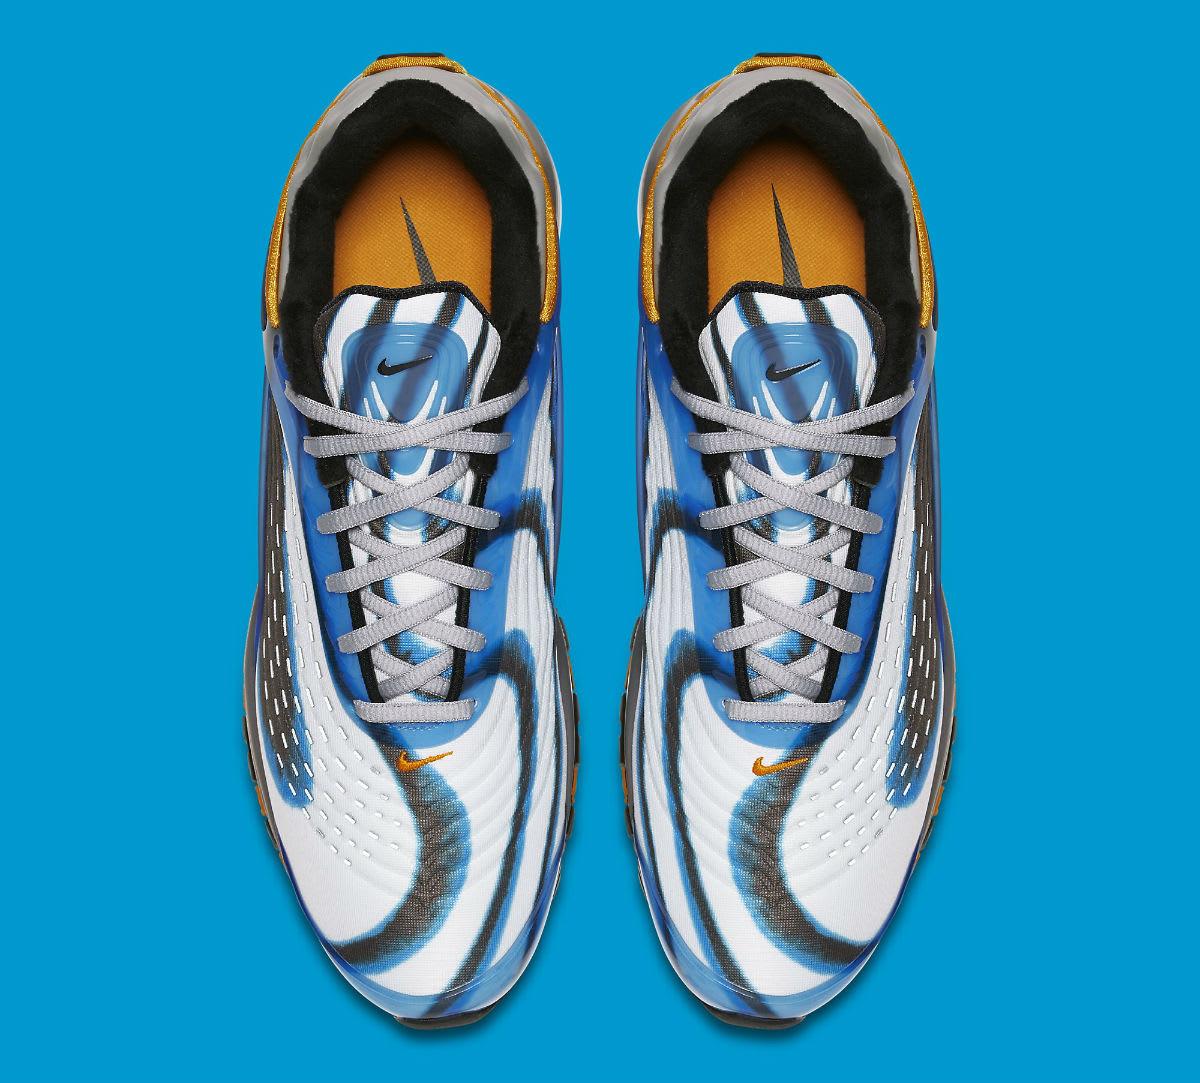 Nike Air Max Deluxe Photo Blue Wolf Grey Orange Peel Black Release Date AJ7831-401 Top